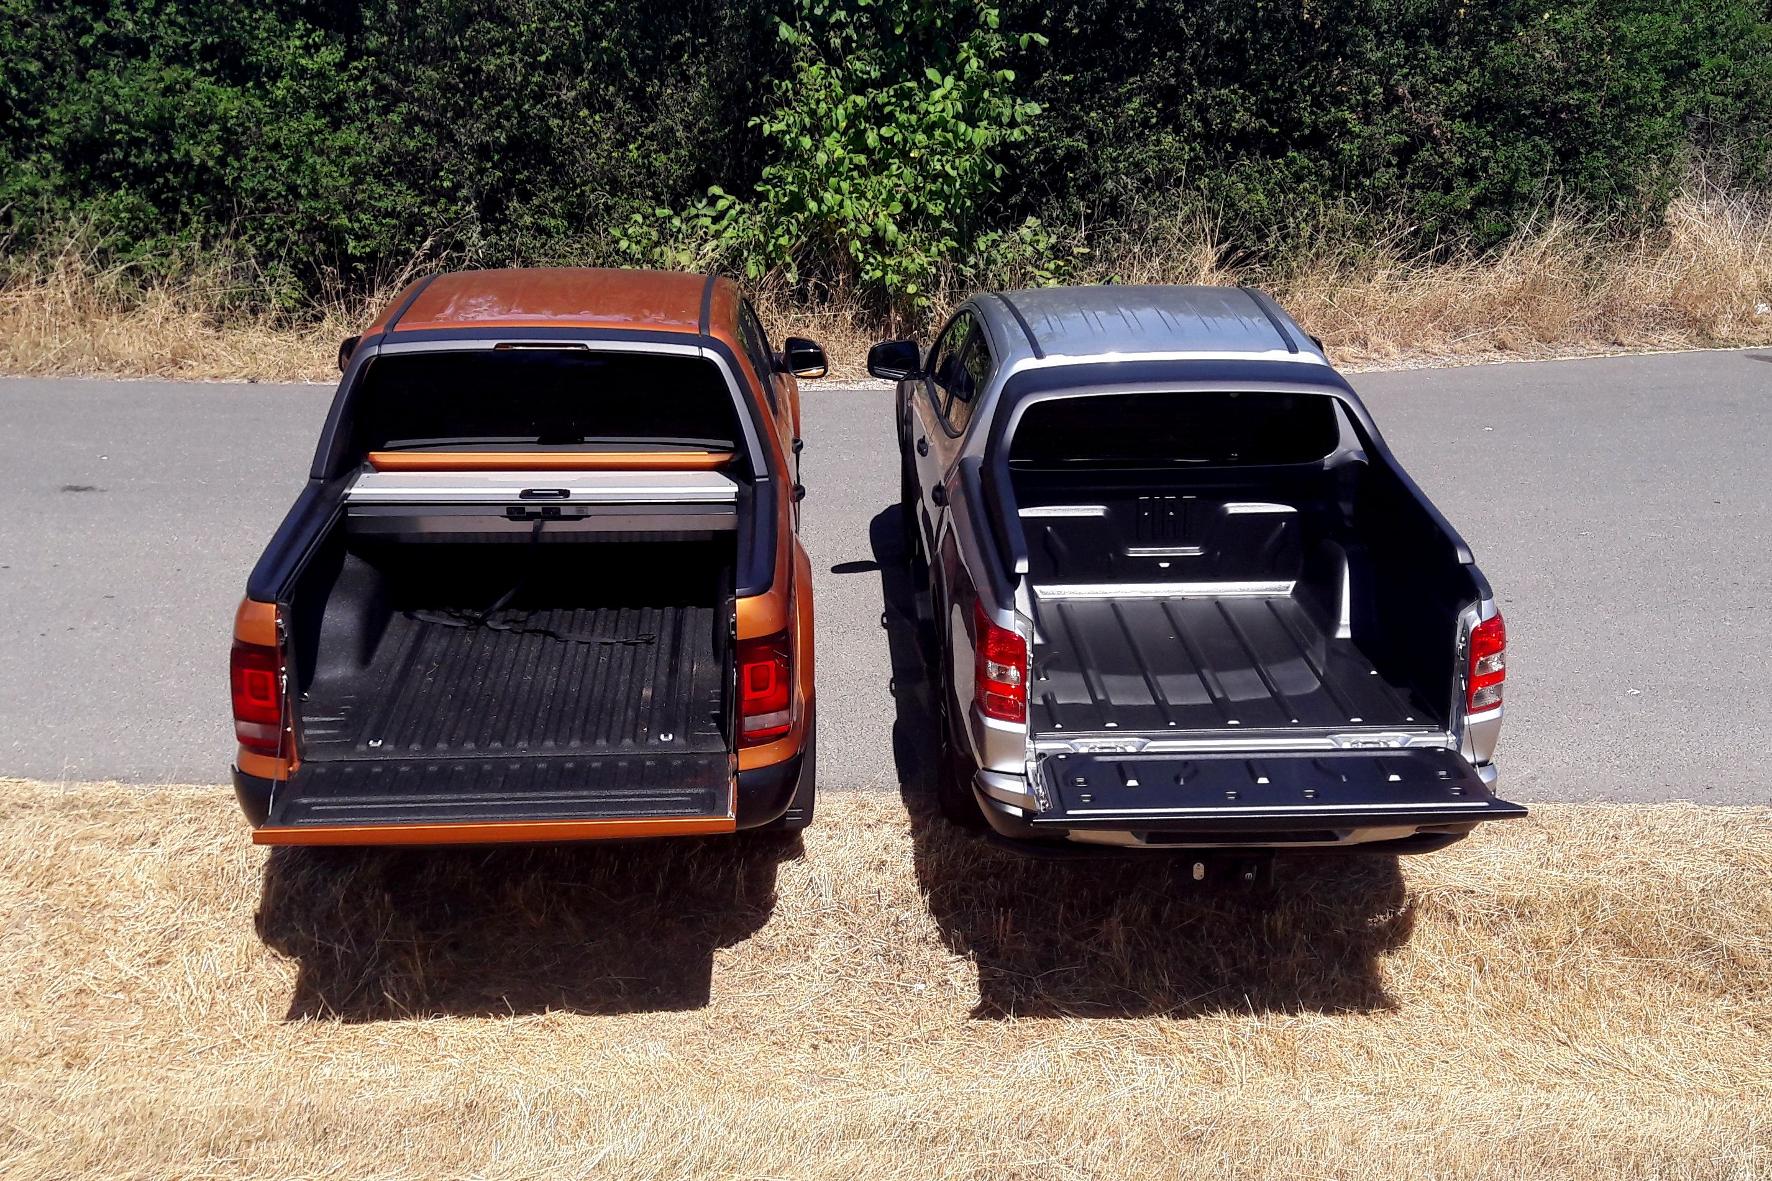 Die Ladefläche des Amarok (l., mit schickem Rollo) ist etwas geräumiger als die des Fullback. © Bianca Burger / mid /trdmobil